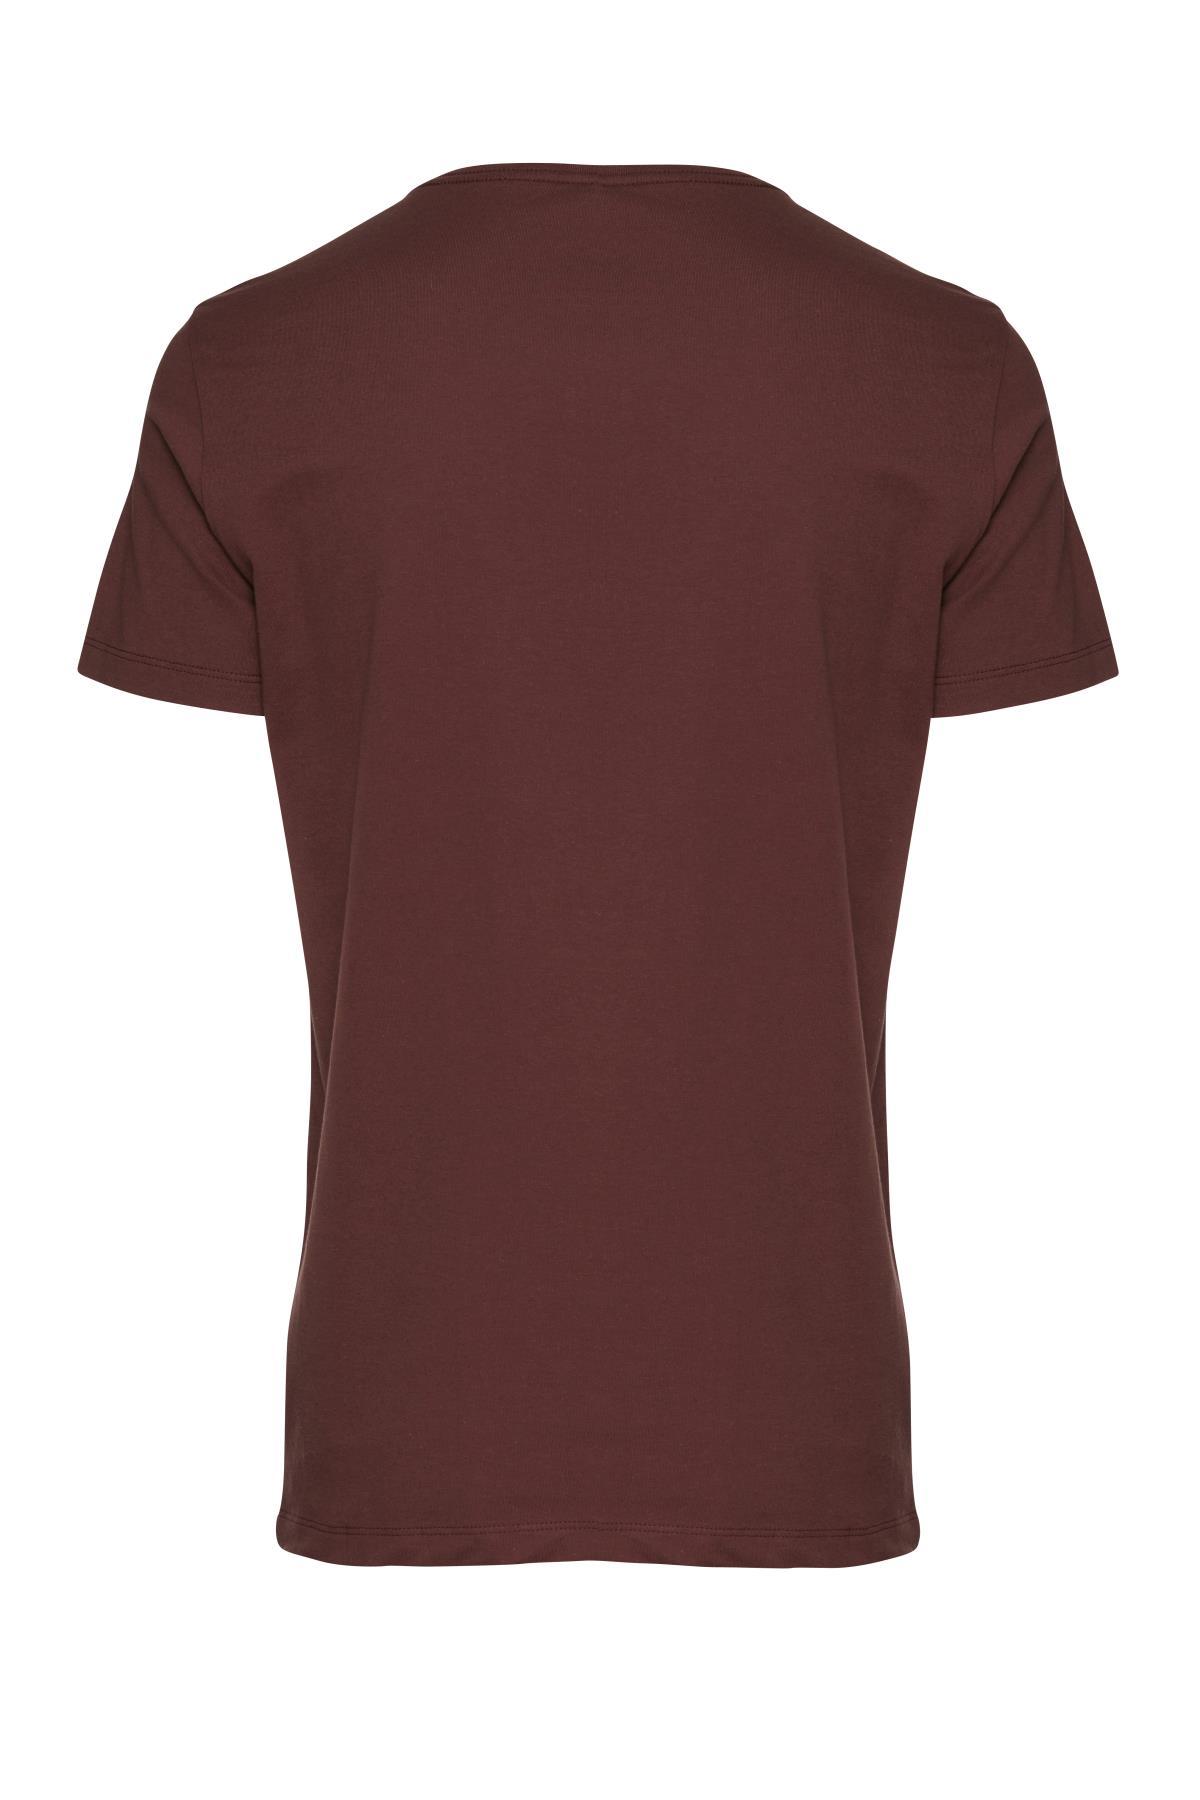 Deep Red T-shirt – Køb Deep Red T-shirt fra str. S-XL her